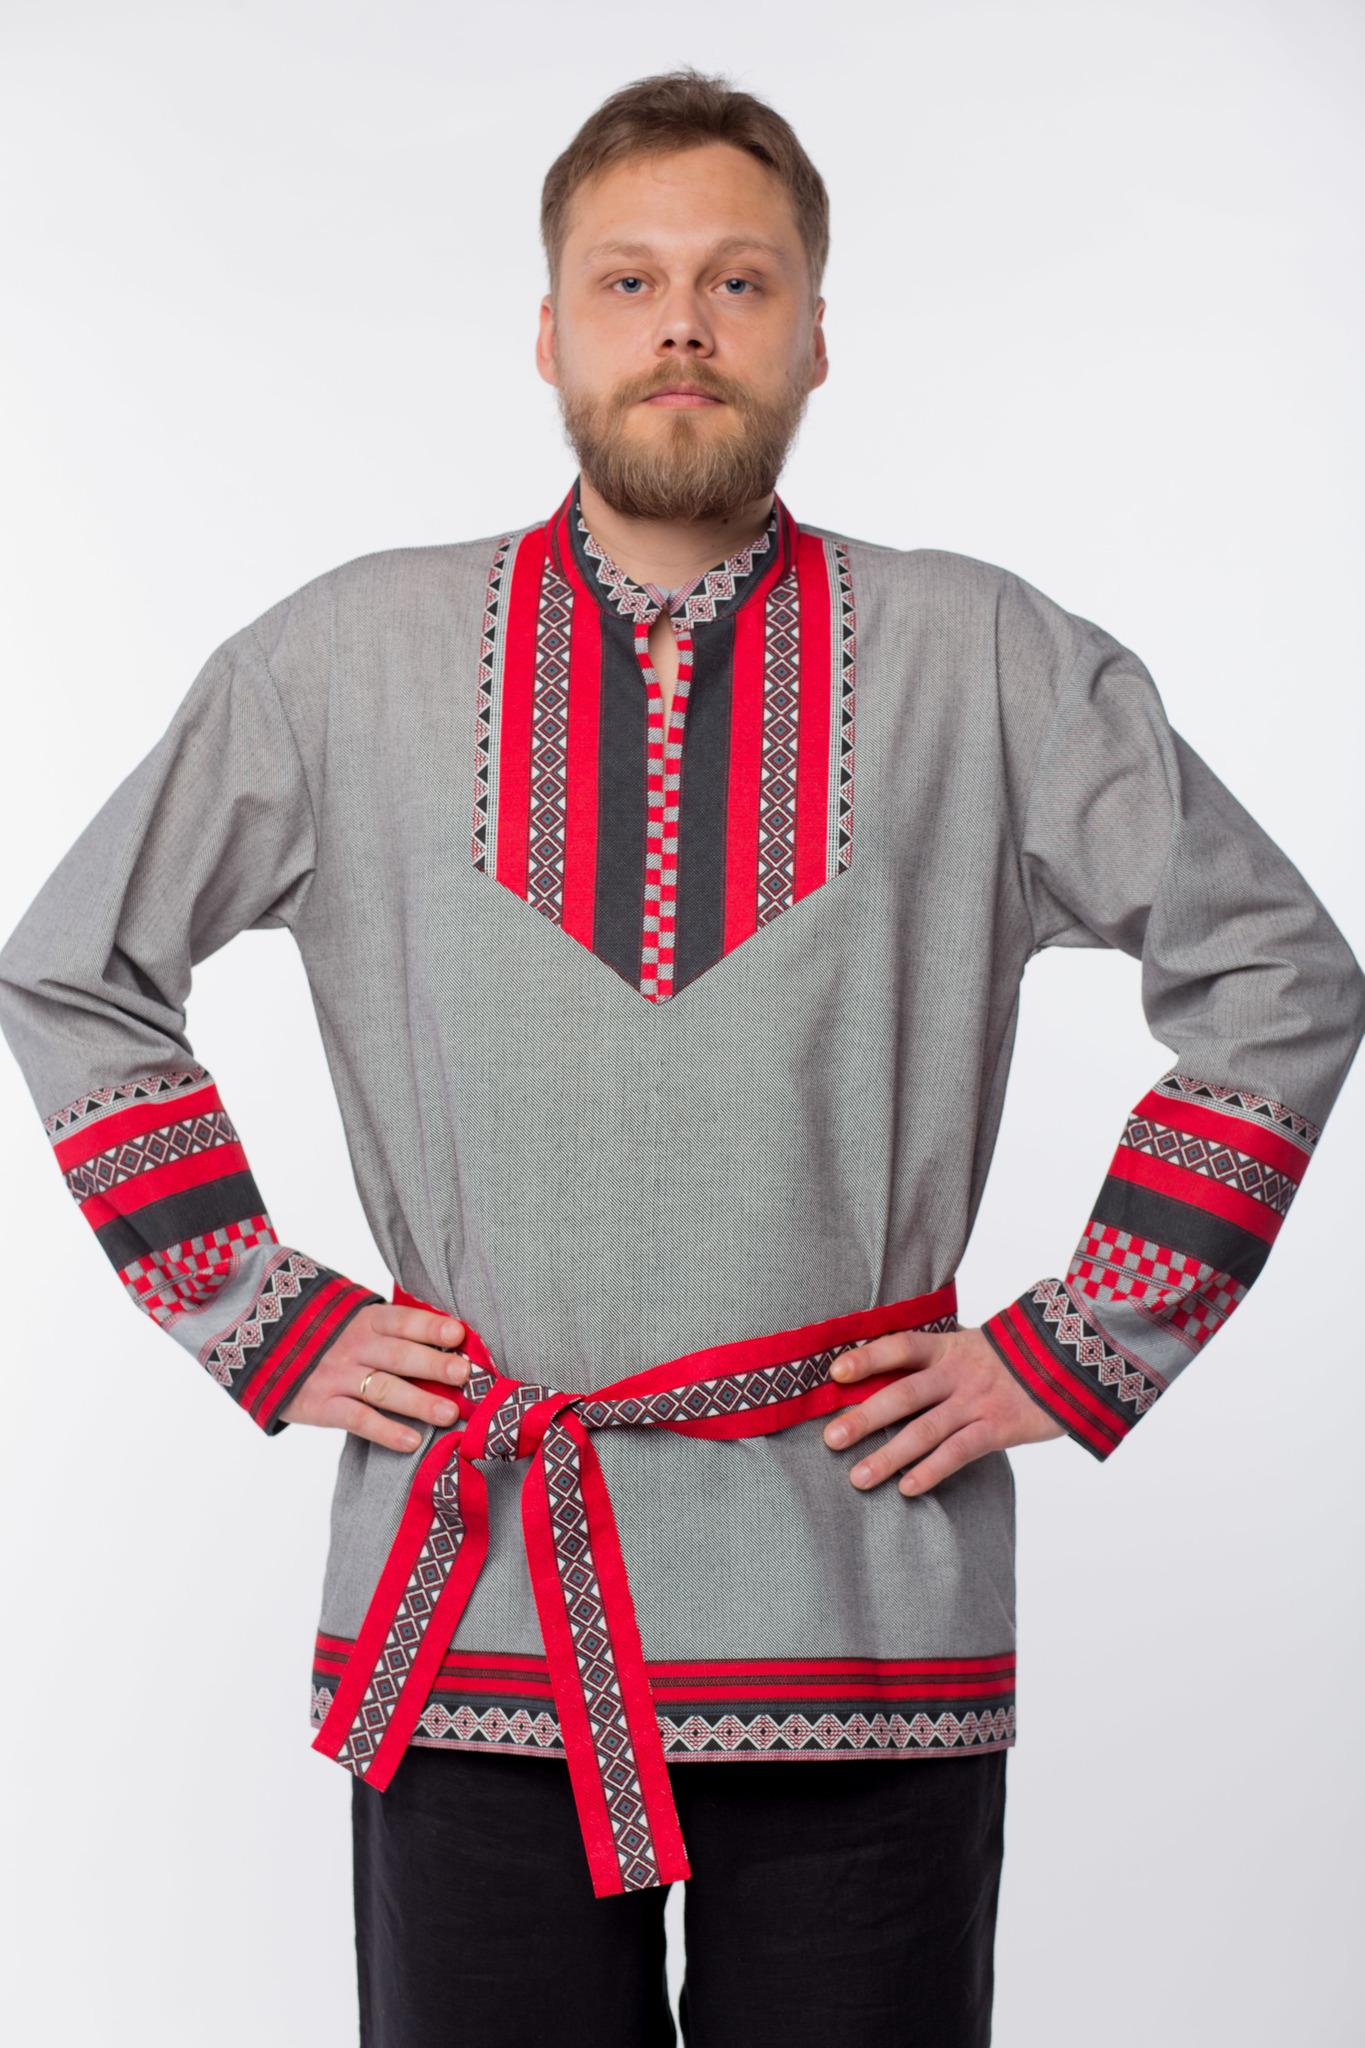 Мужская рубаха Чалдоны приближенный фрагмент